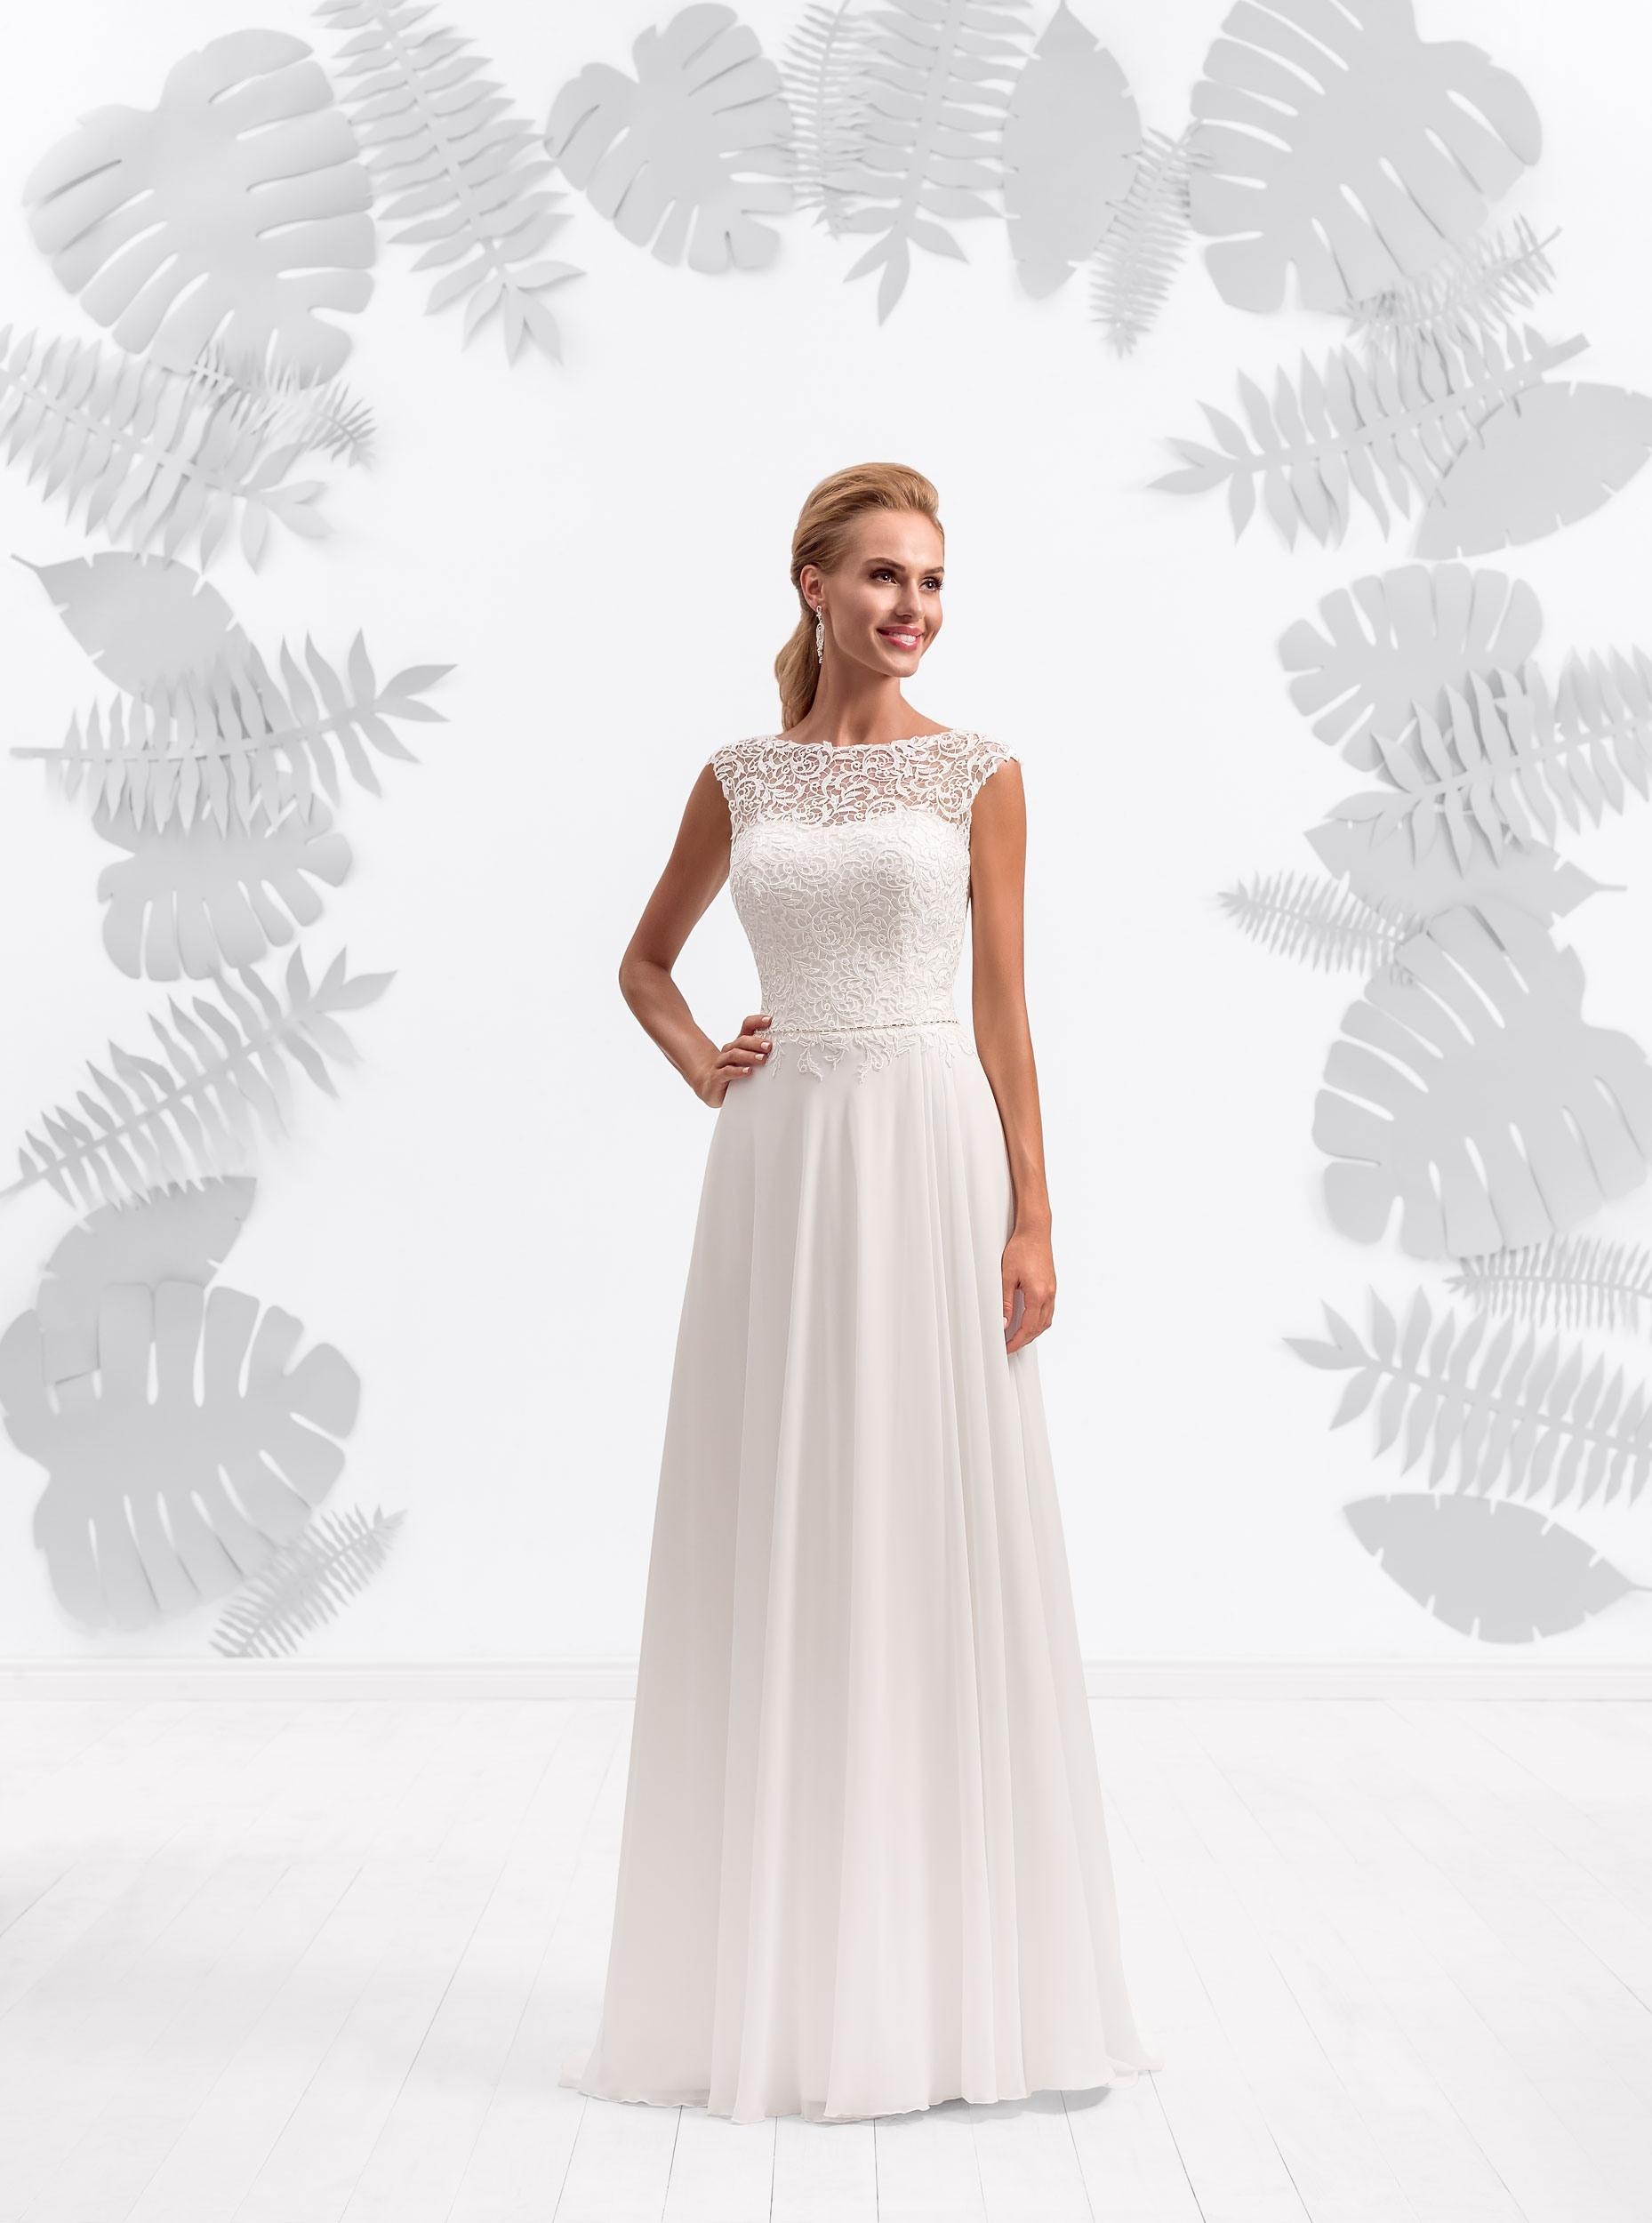 20 Top Brautkleider Mode Ärmel13 Schön Brautkleider Mode Design